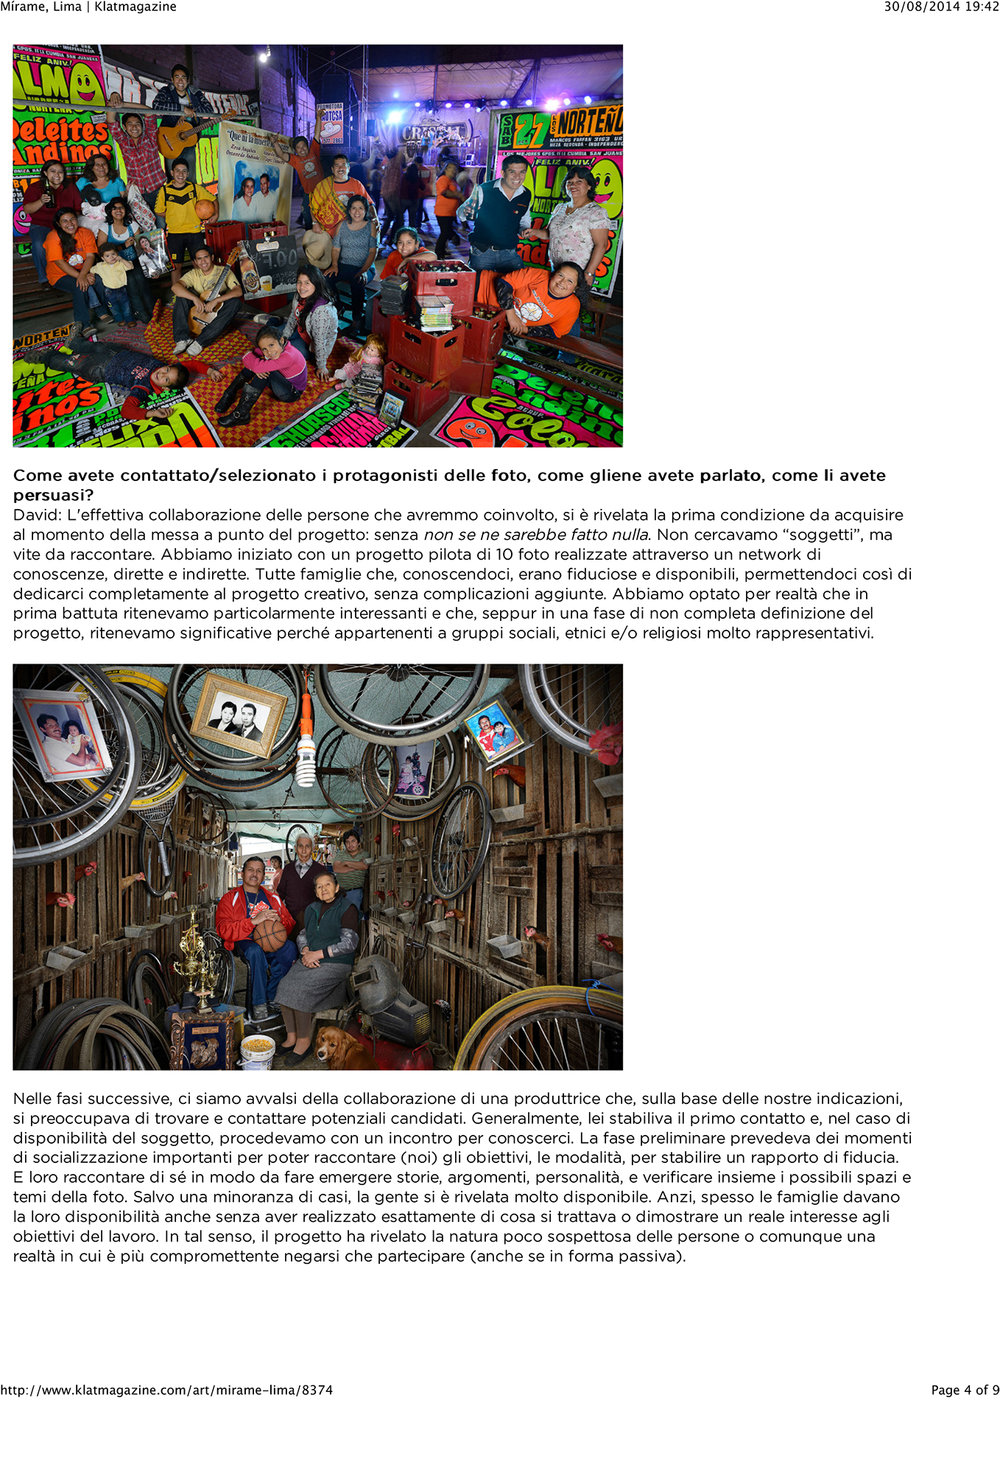 Mírame,-Lima-_-Klatmagazine-4.jpg